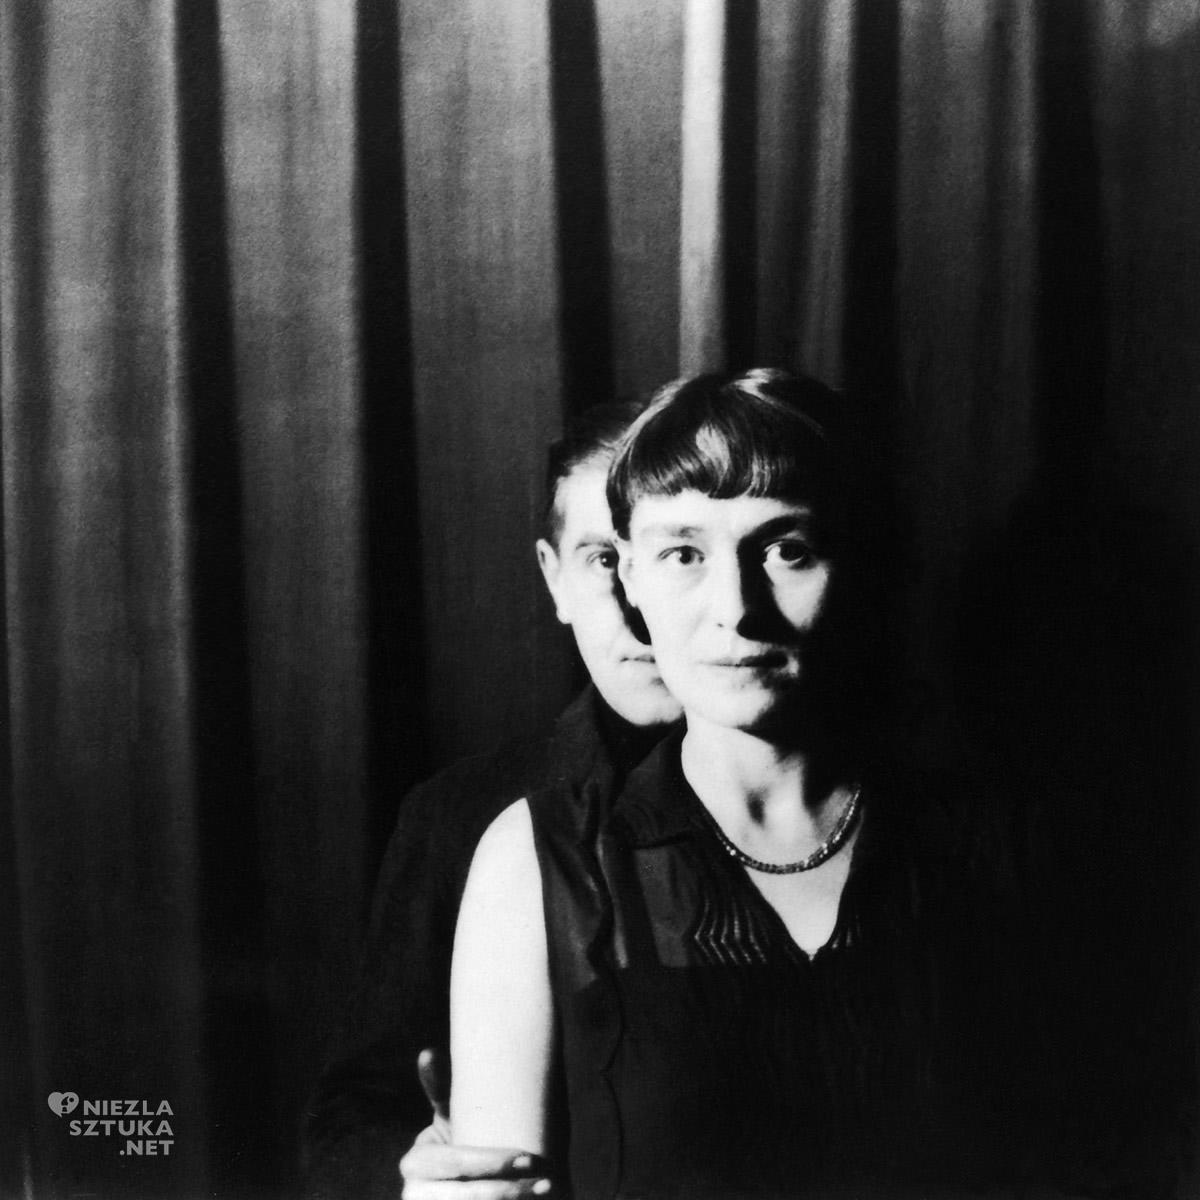 René Magritte, żona, Georgette Magritte, fotografia, surrealizm, Niezła Sztuka